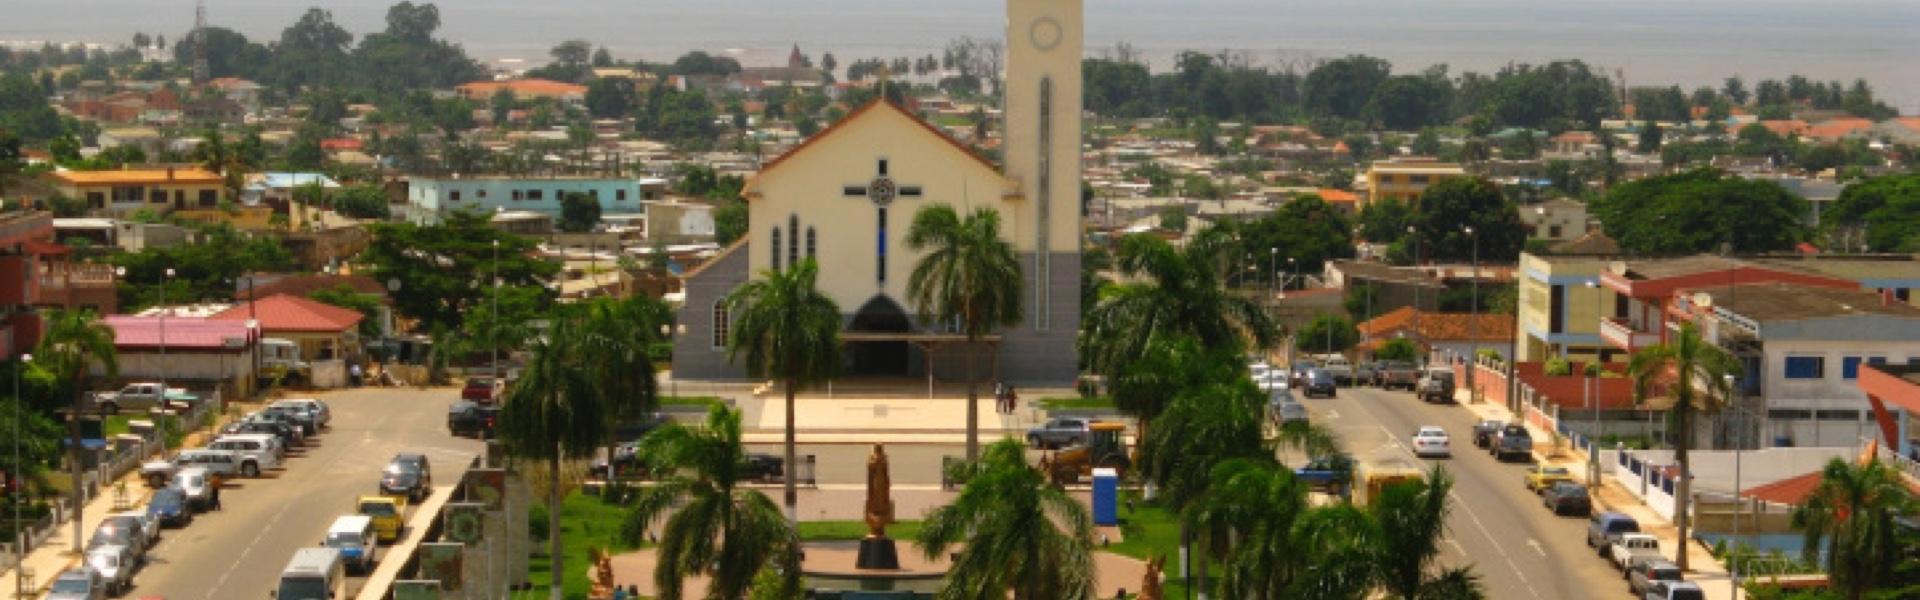 Cabinda 1